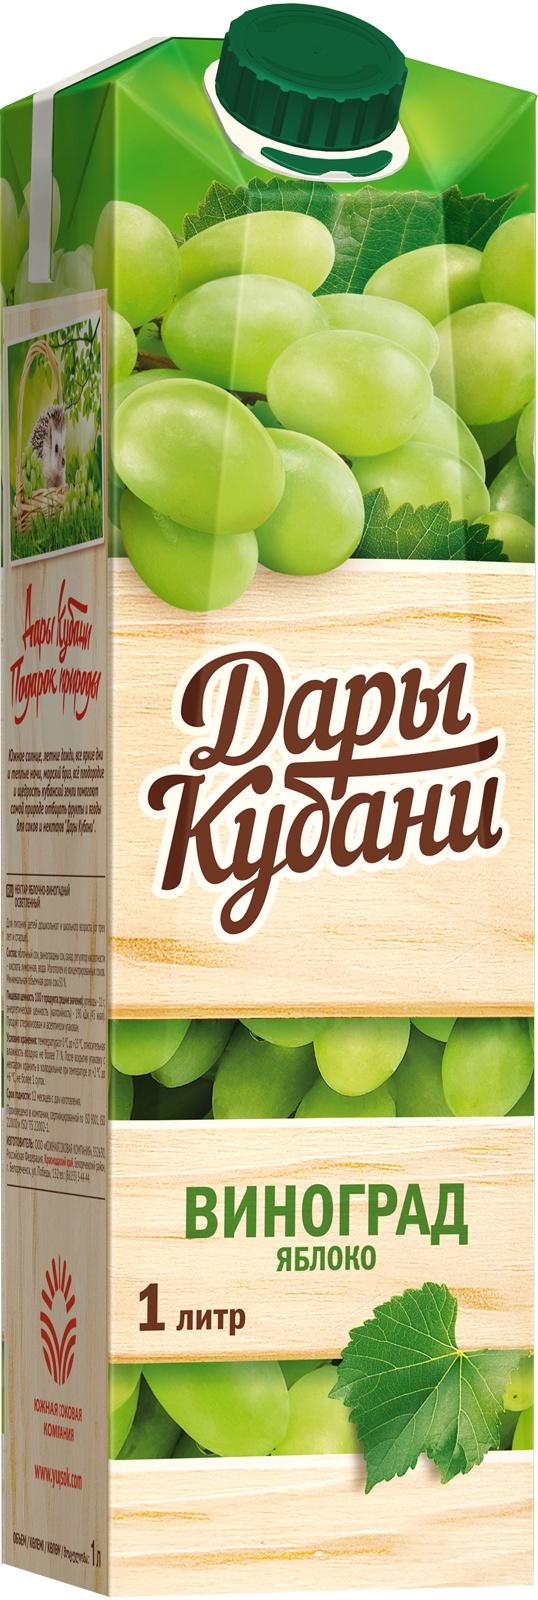 Нектар Дары Кубани яблочно-виноградный осветленный 1 л дары кубани масло подсолнечное рафинированное высший сорт 1 л